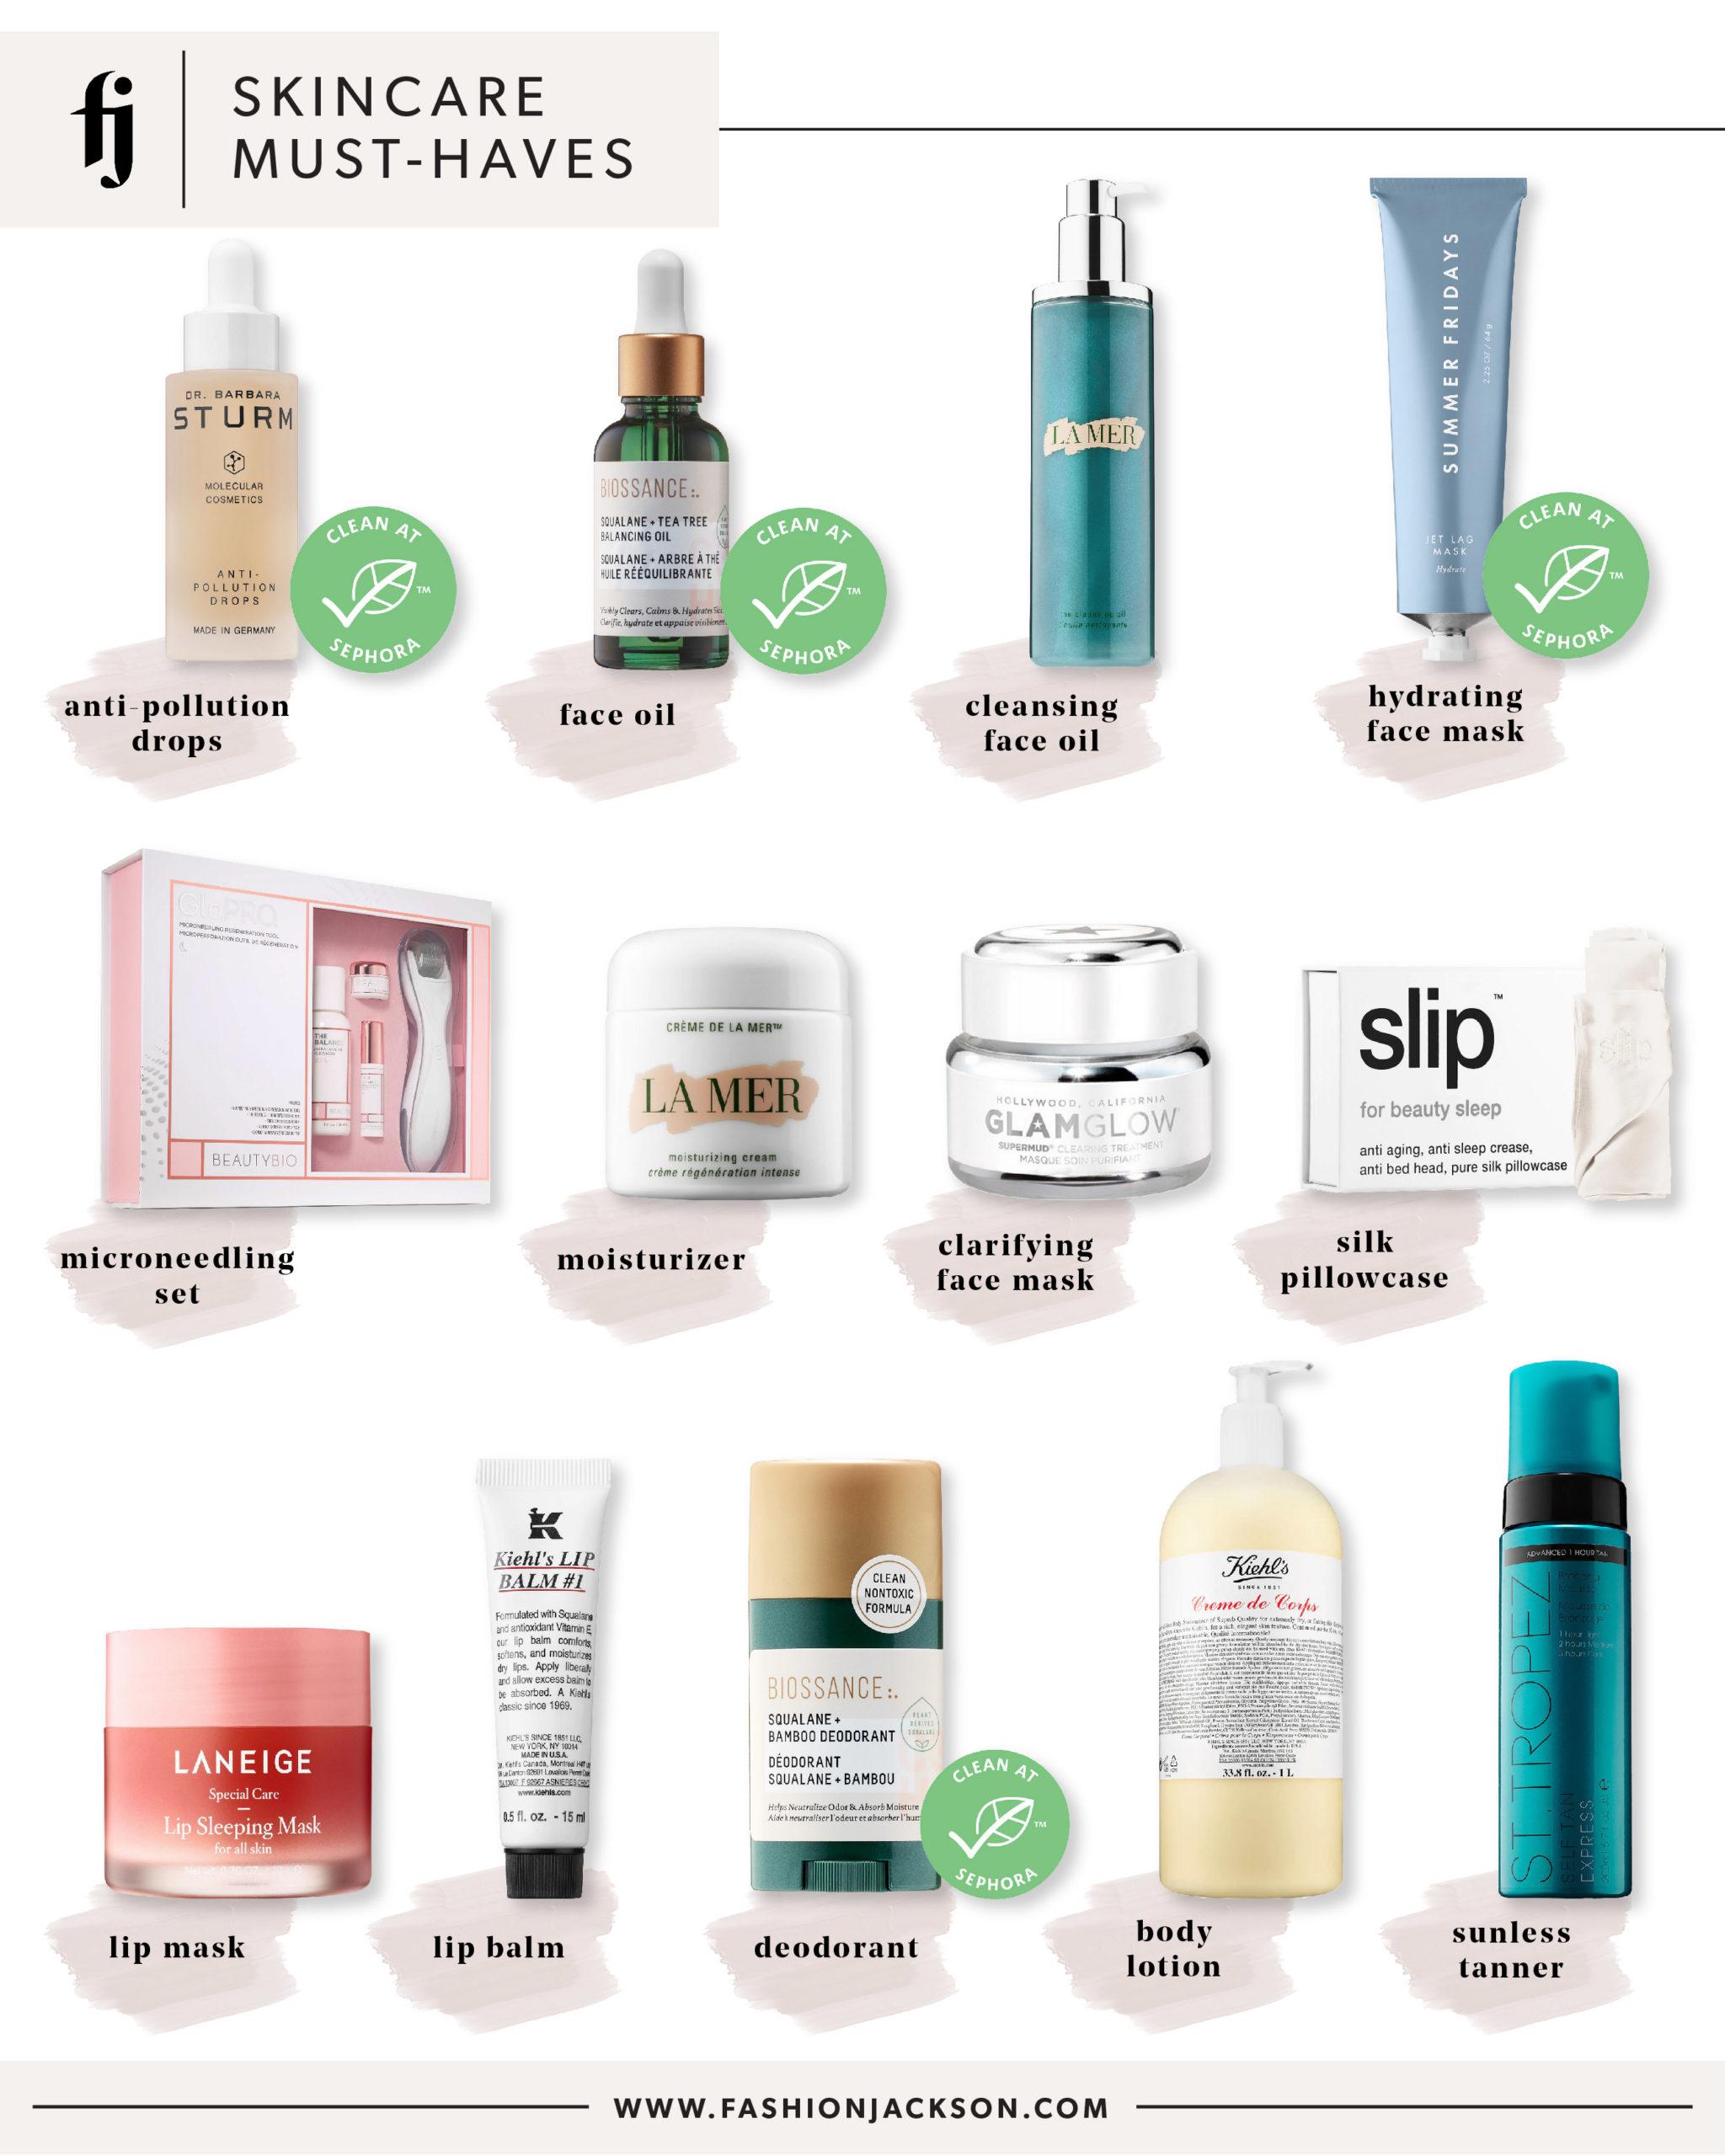 Fashion Jackson Sephora Spring Event Skincare